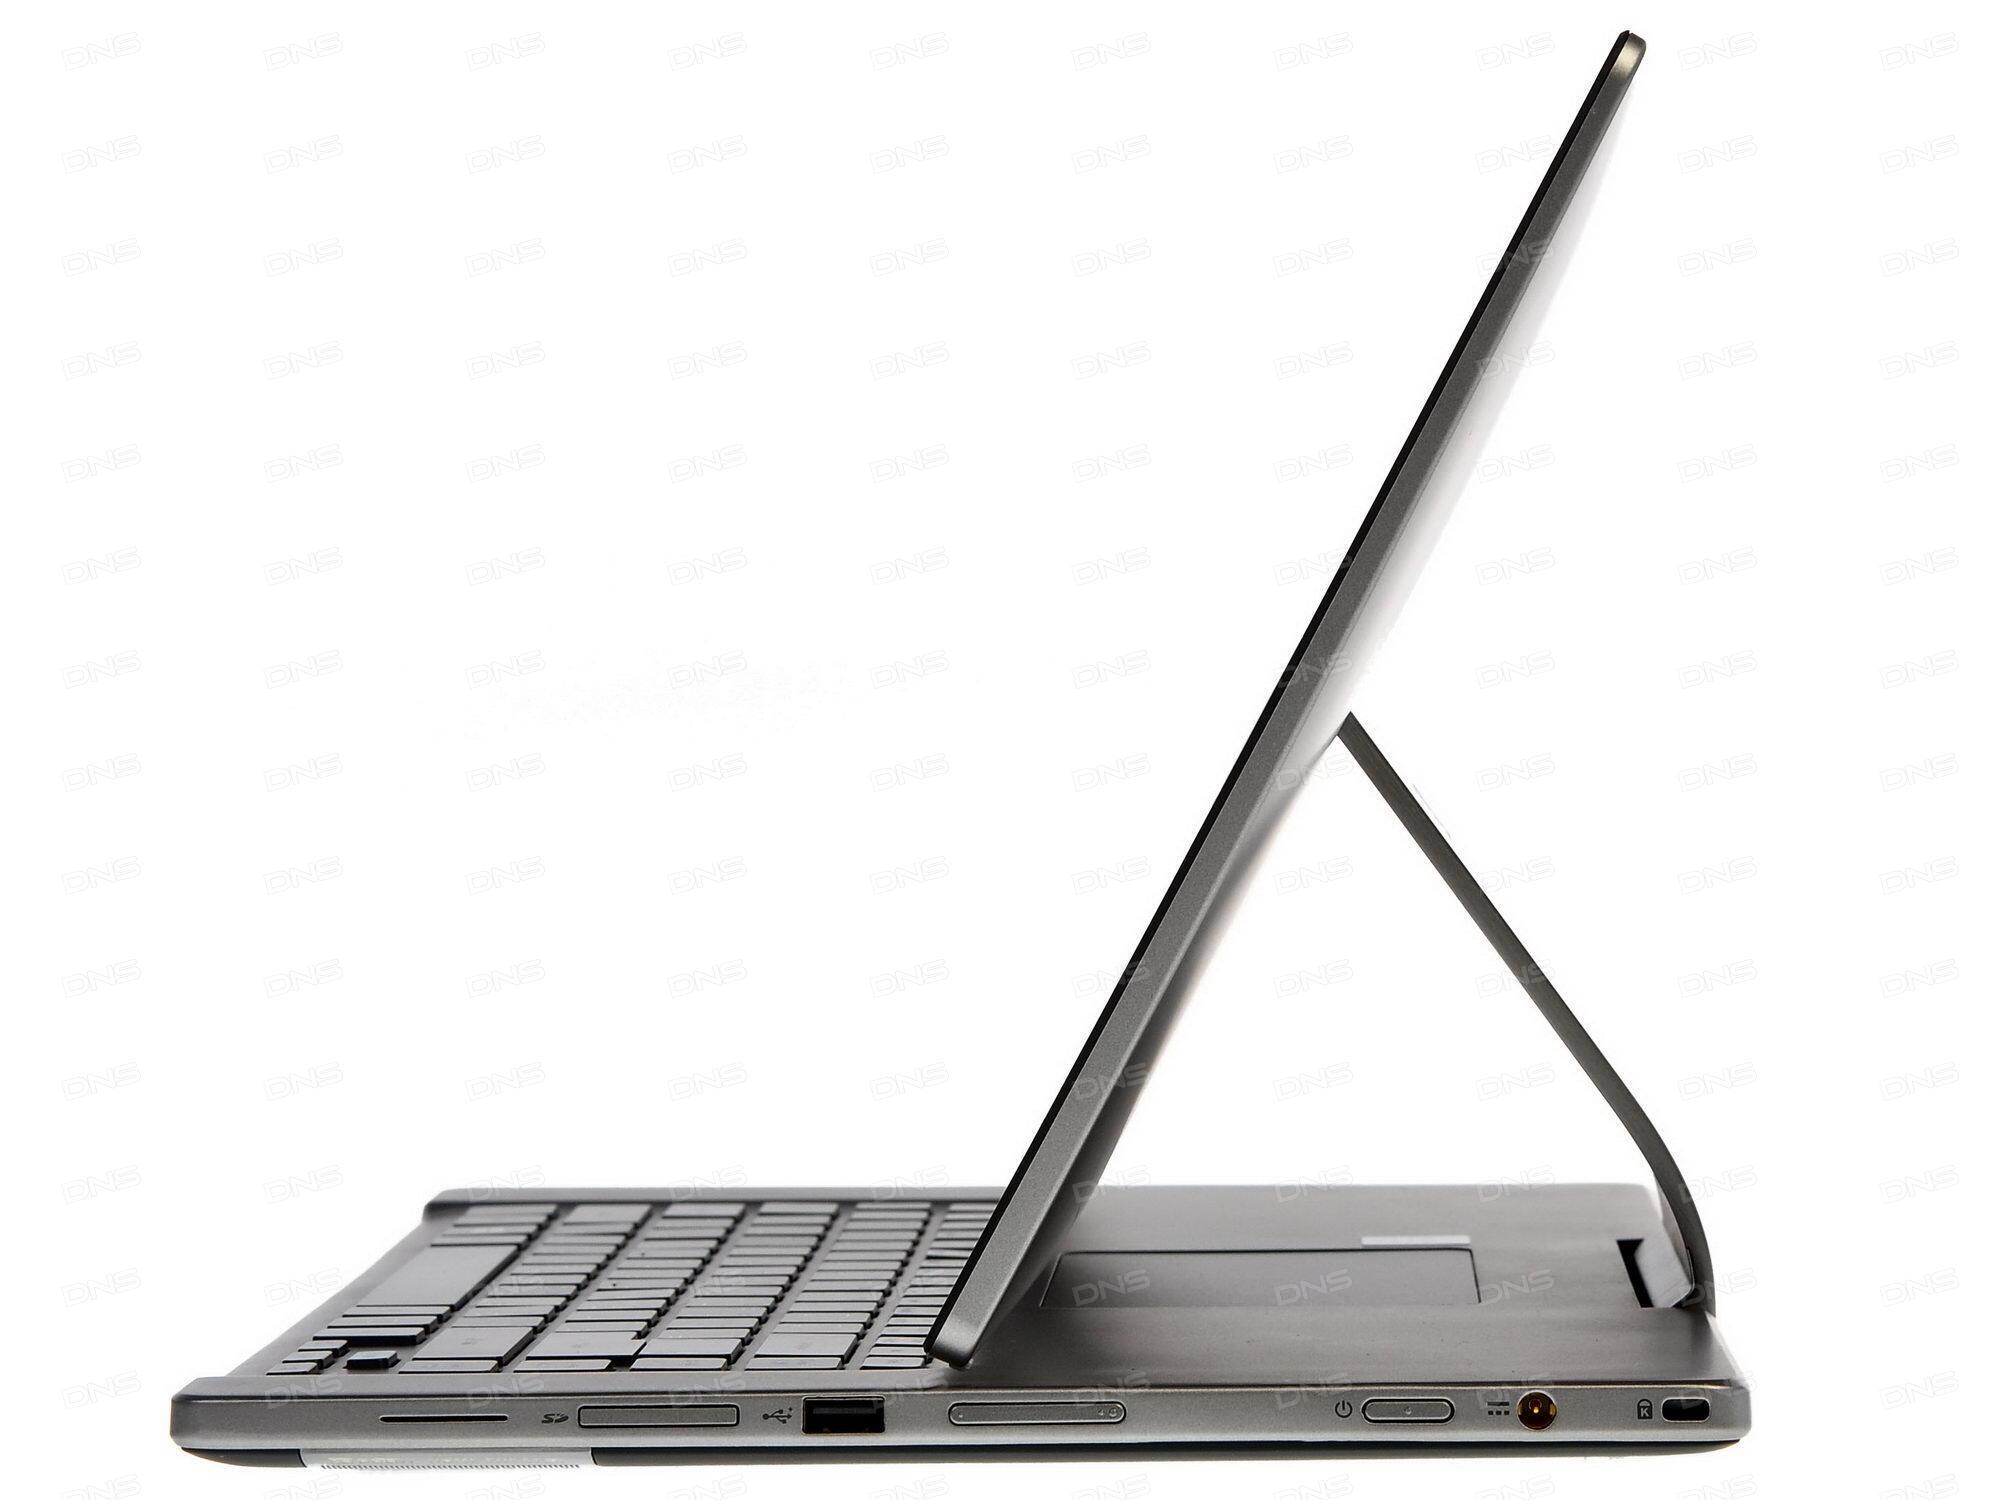 acer aspire r7-572 Acer Aspire R7-572-6423 Review & Rating | PCMag.com